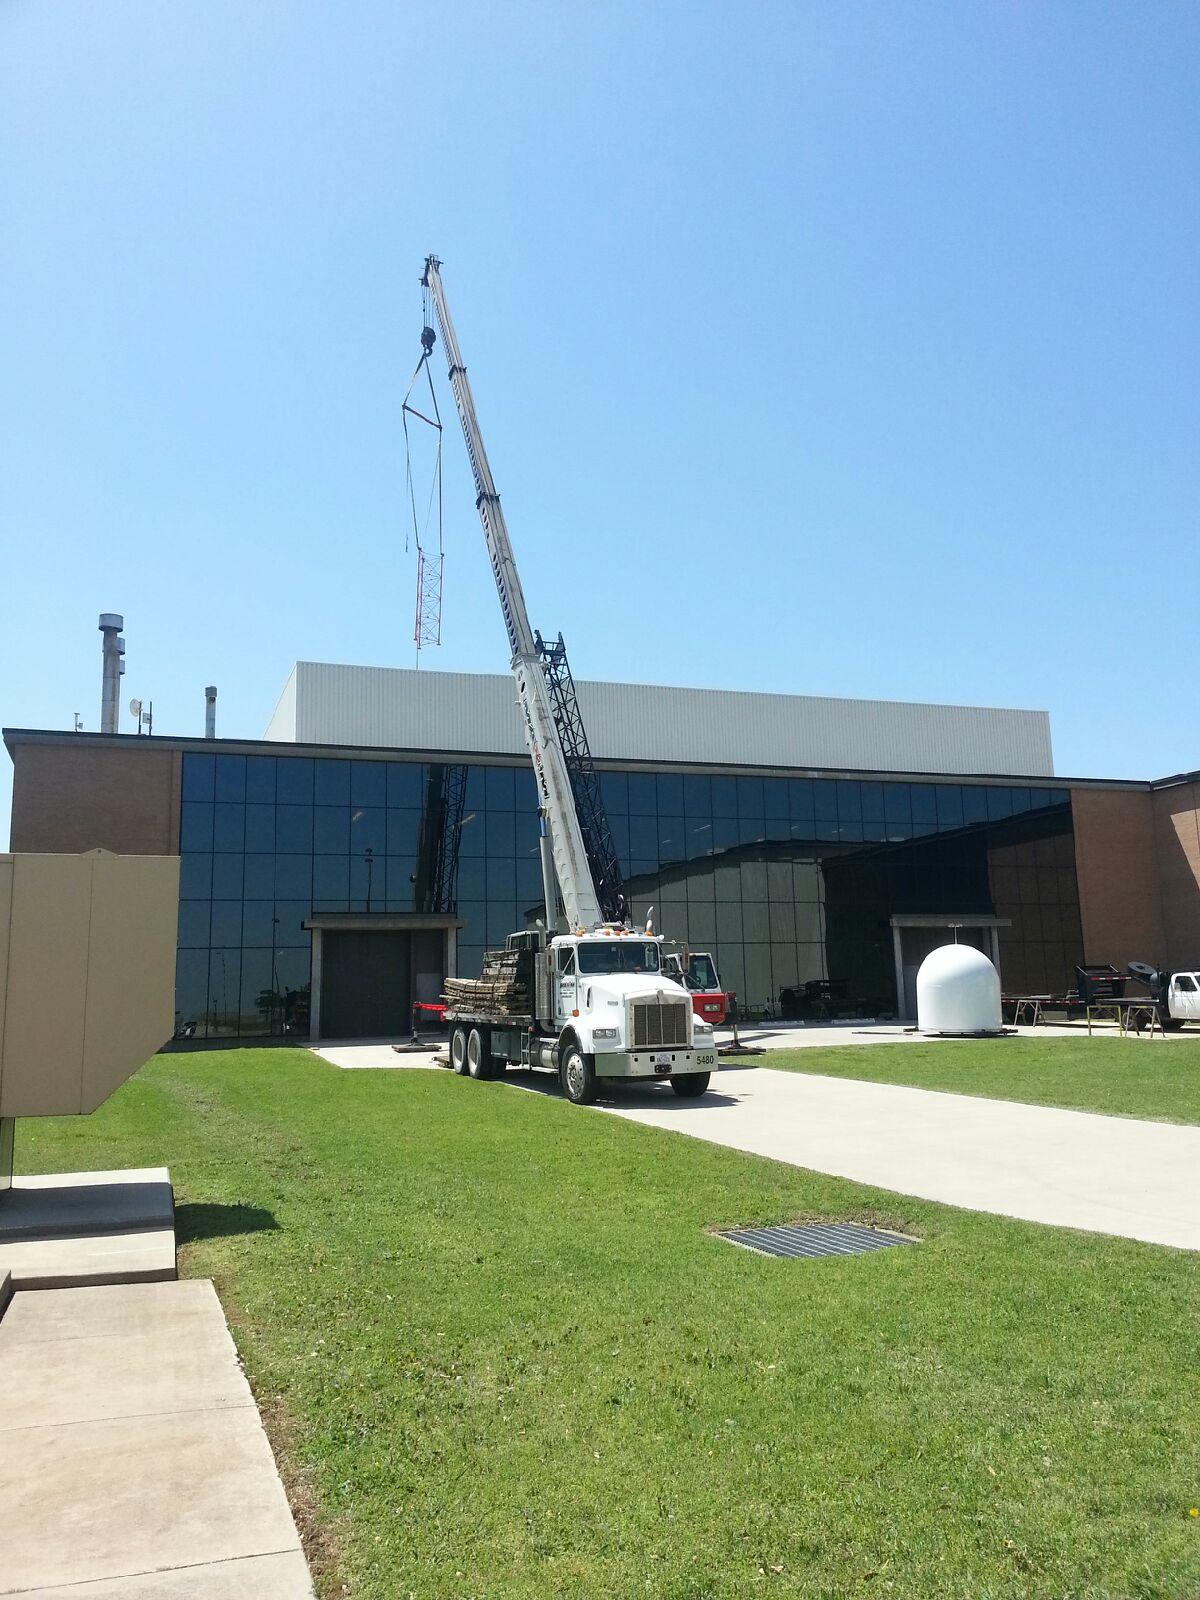 Radar Installation At University Of North Texas